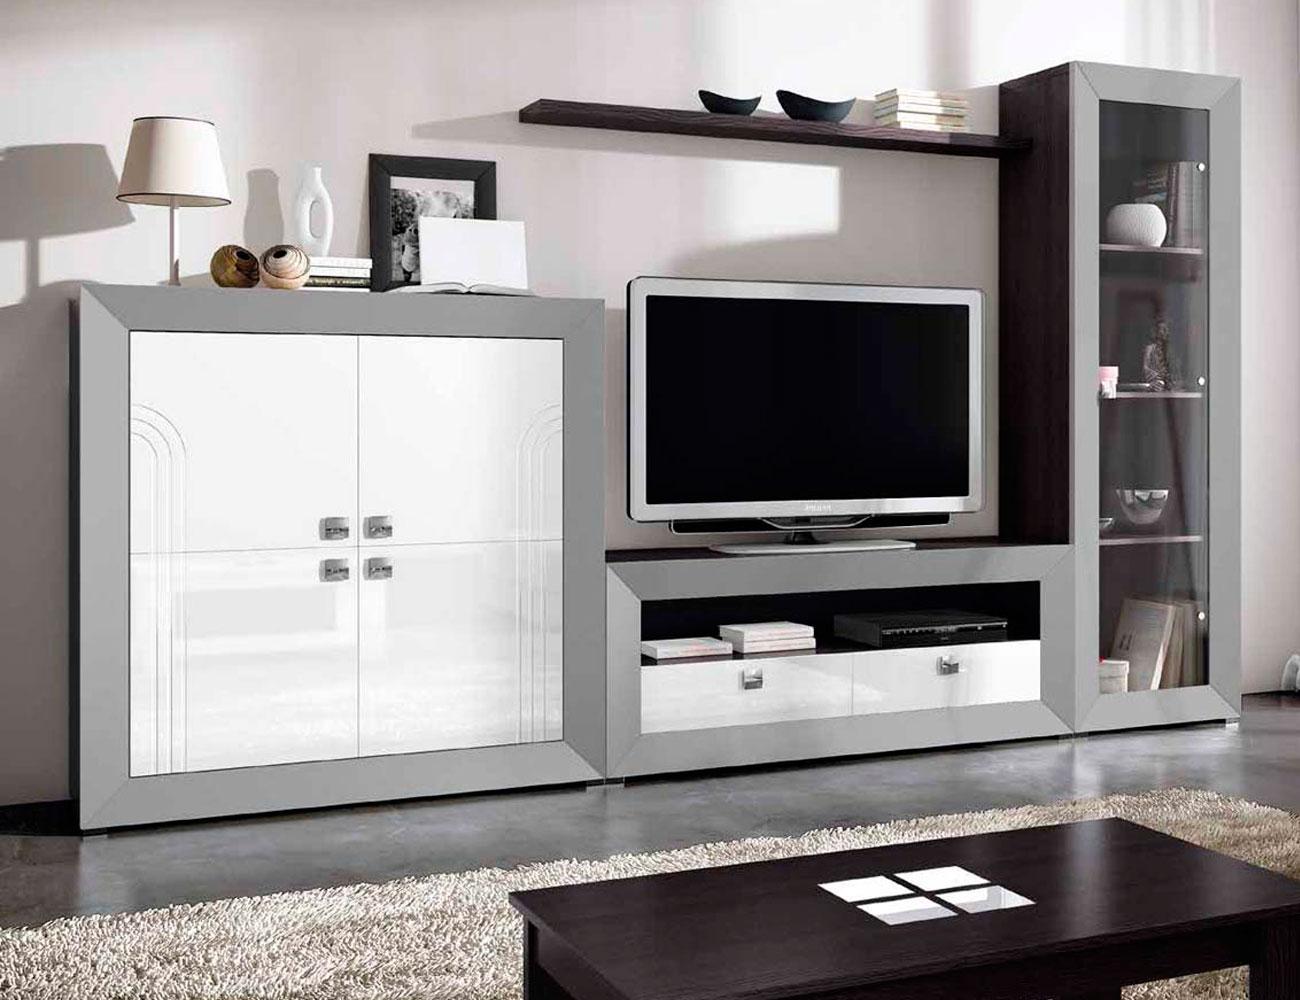 Mueble de sal n modular moderno lacado factory del - Muebles de salon moderno ...